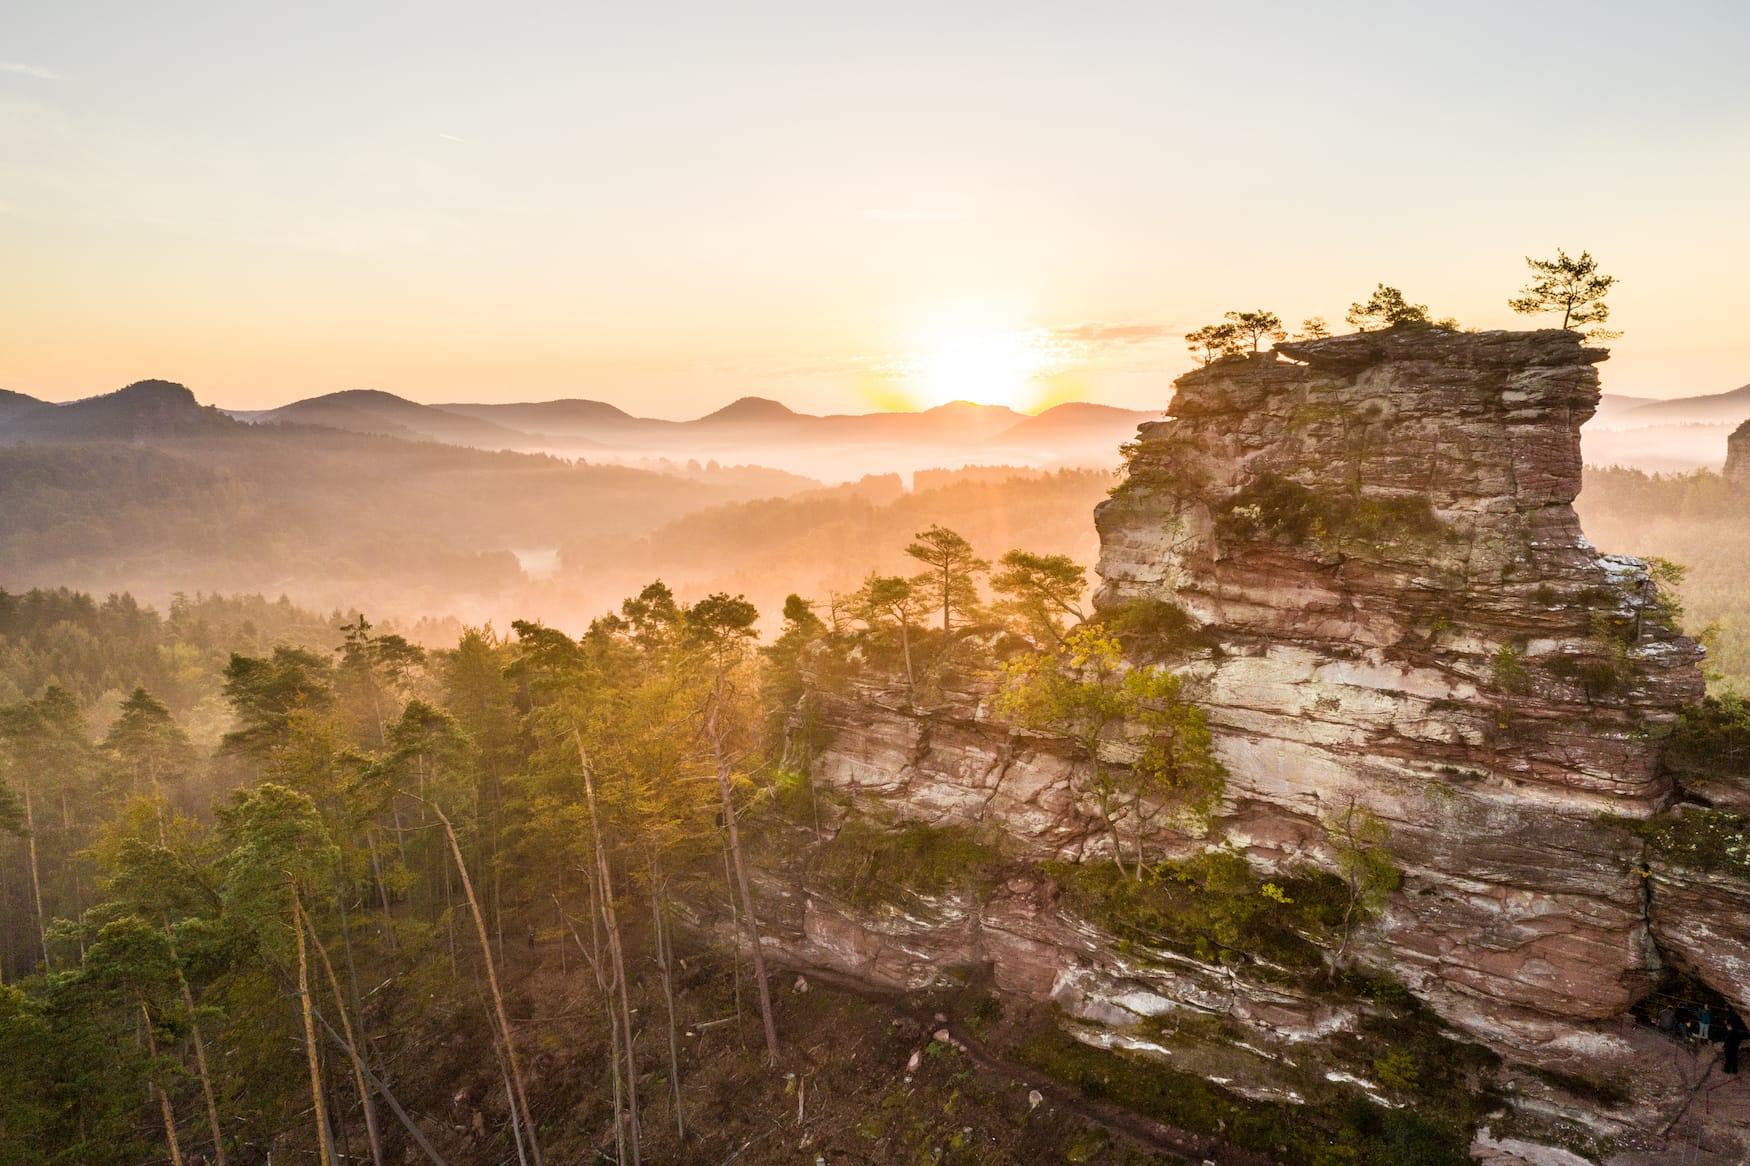 Der Lämmerfelsen in Rheinland-Pfalz bei Sonnenuntergang